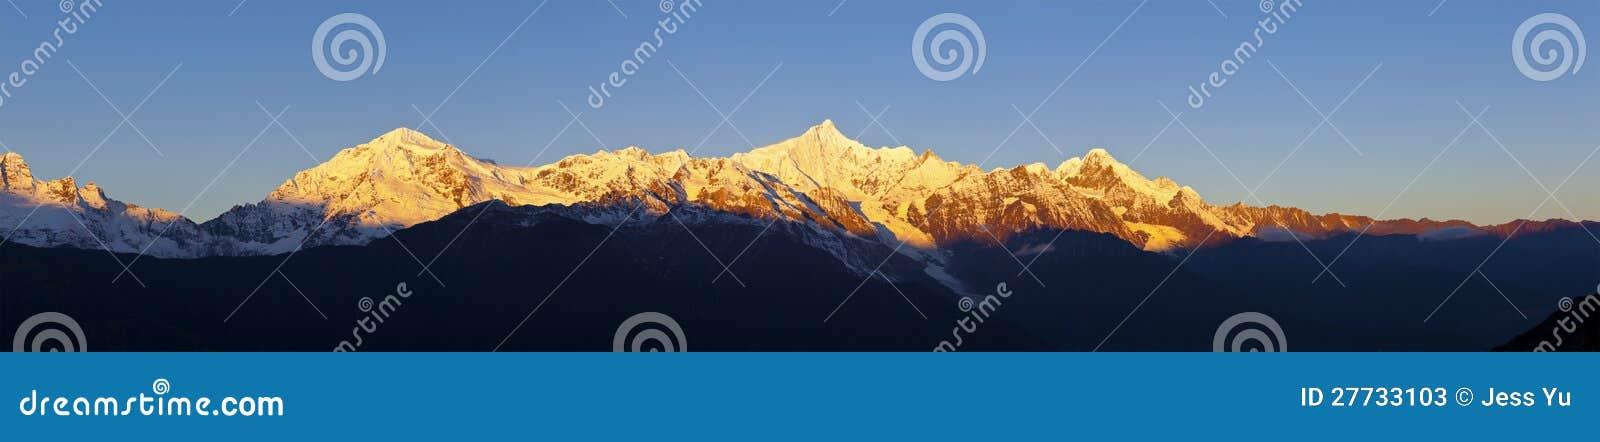 Sonnenaufgang auf Schneebergen in China